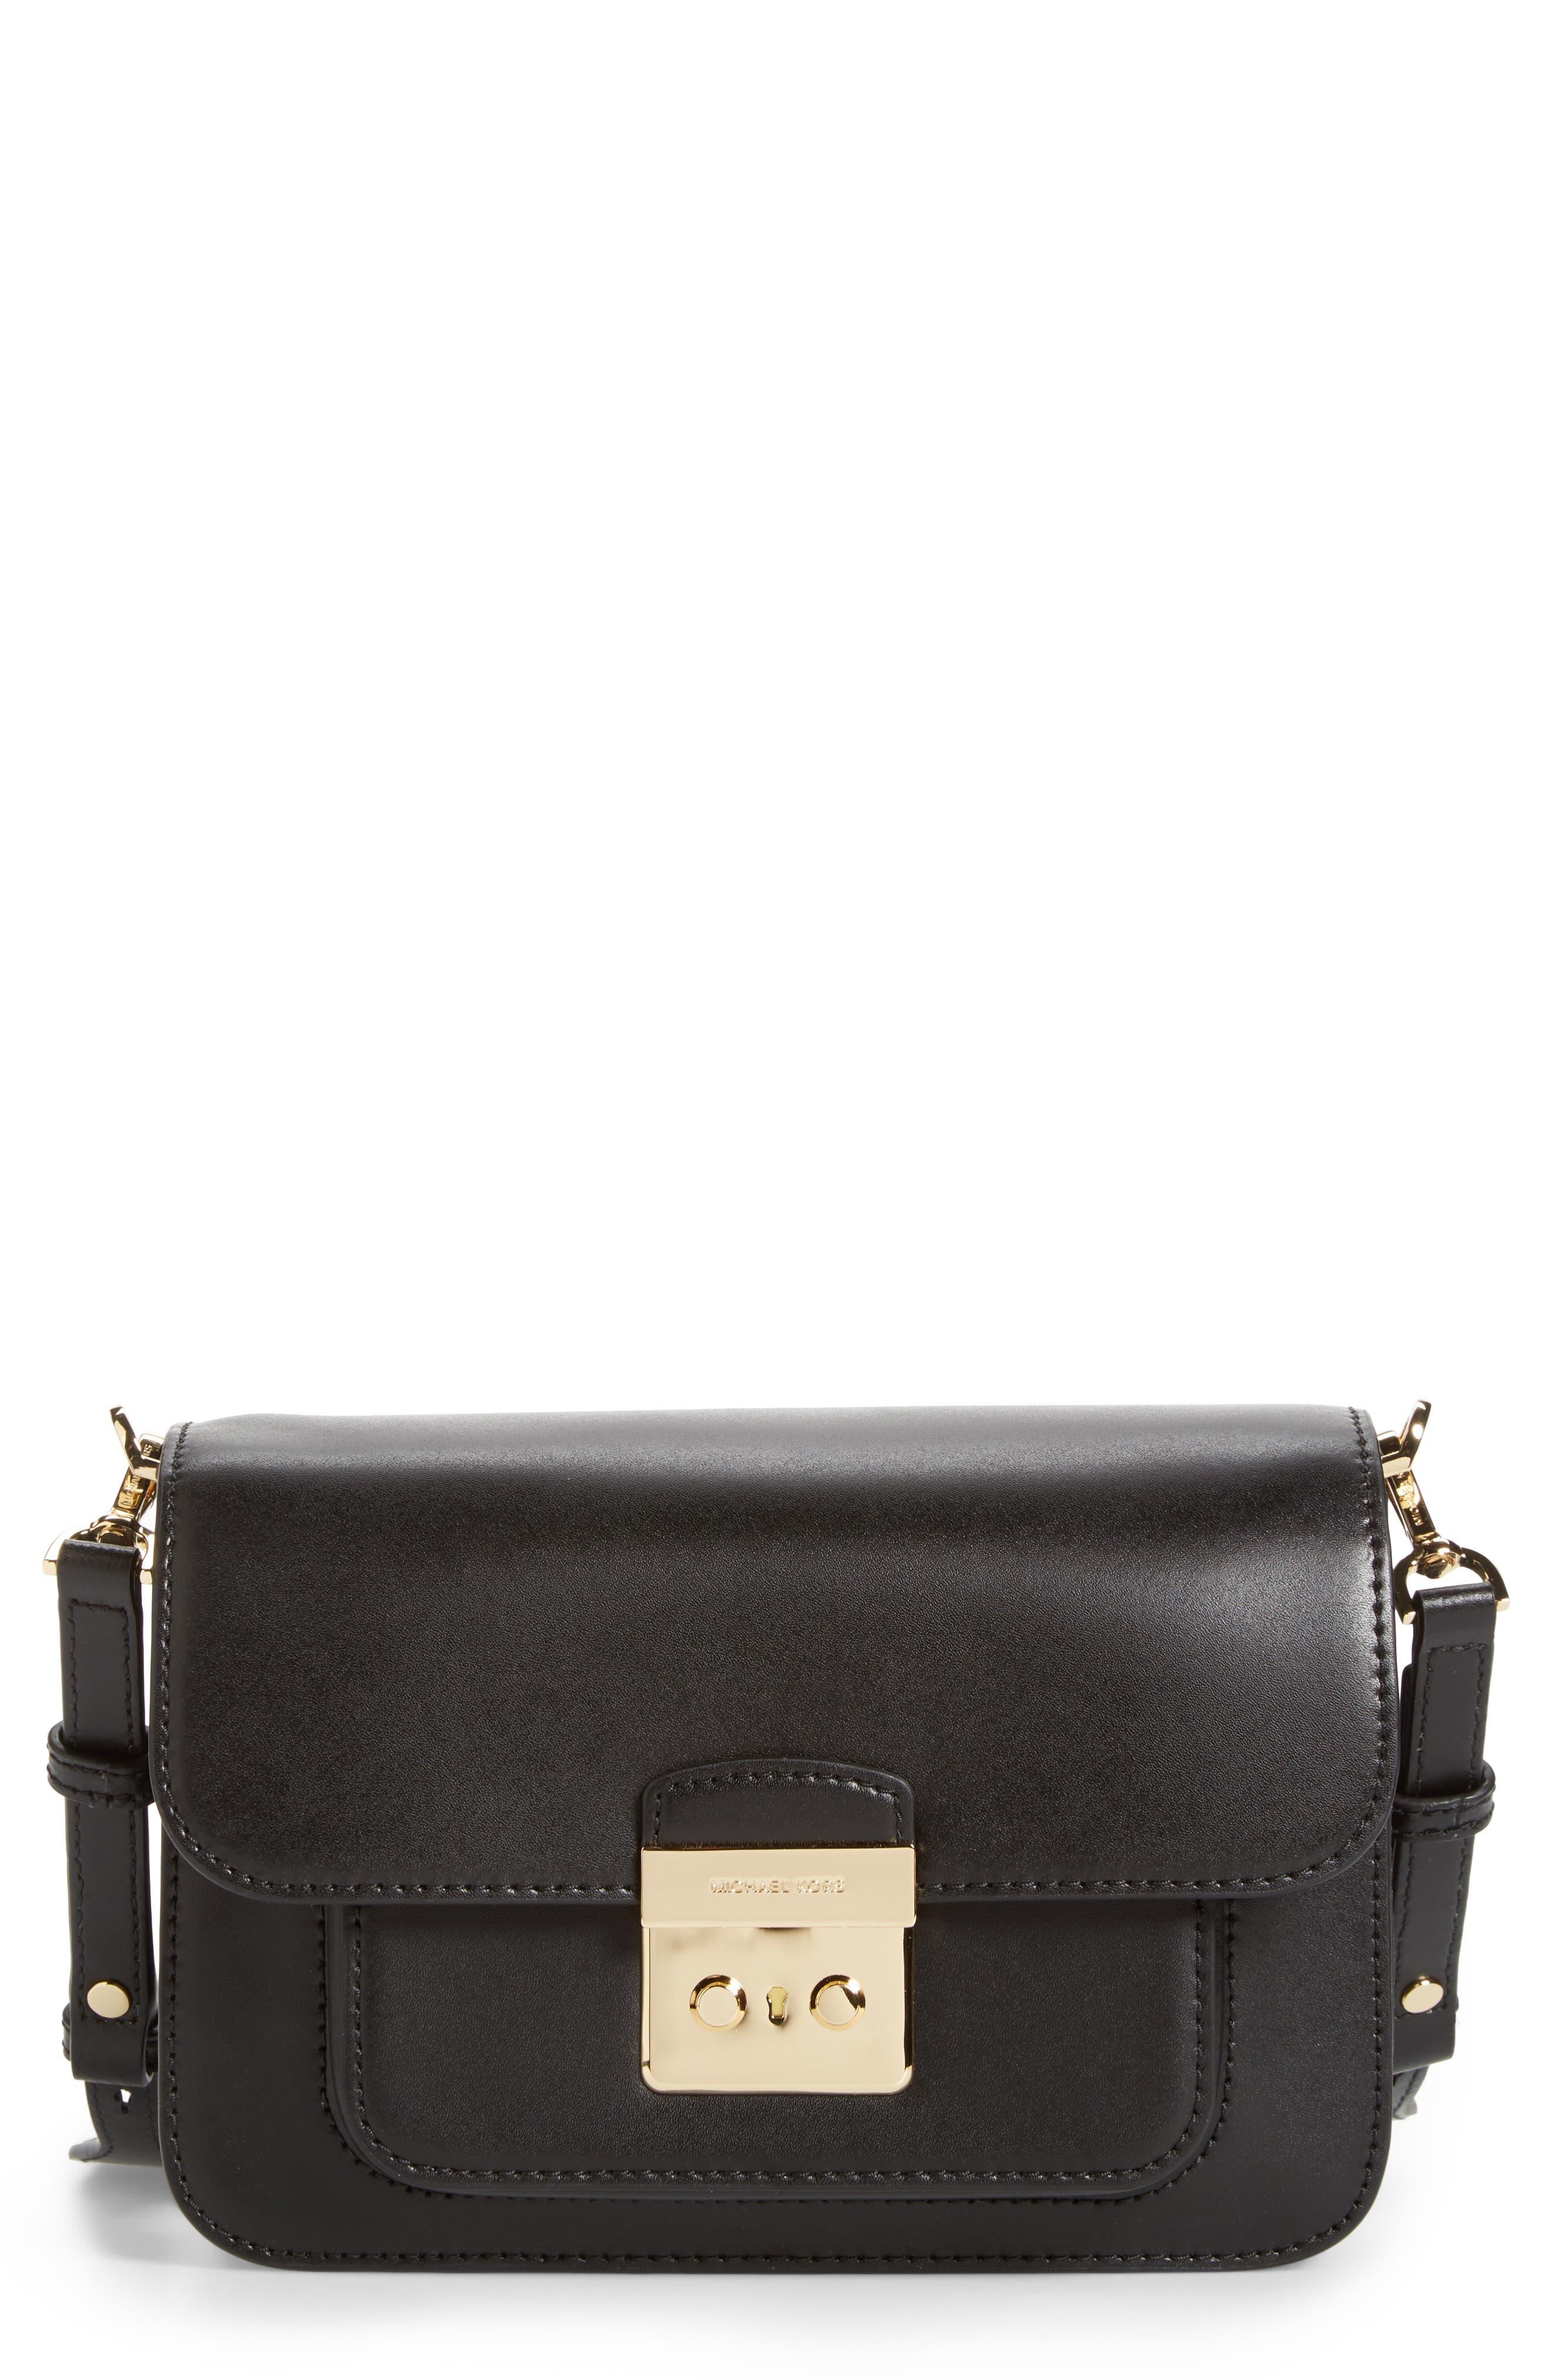 Large Sloan Editor Leather Shoulder Bag,                             Main thumbnail 1, color,                             BLACK